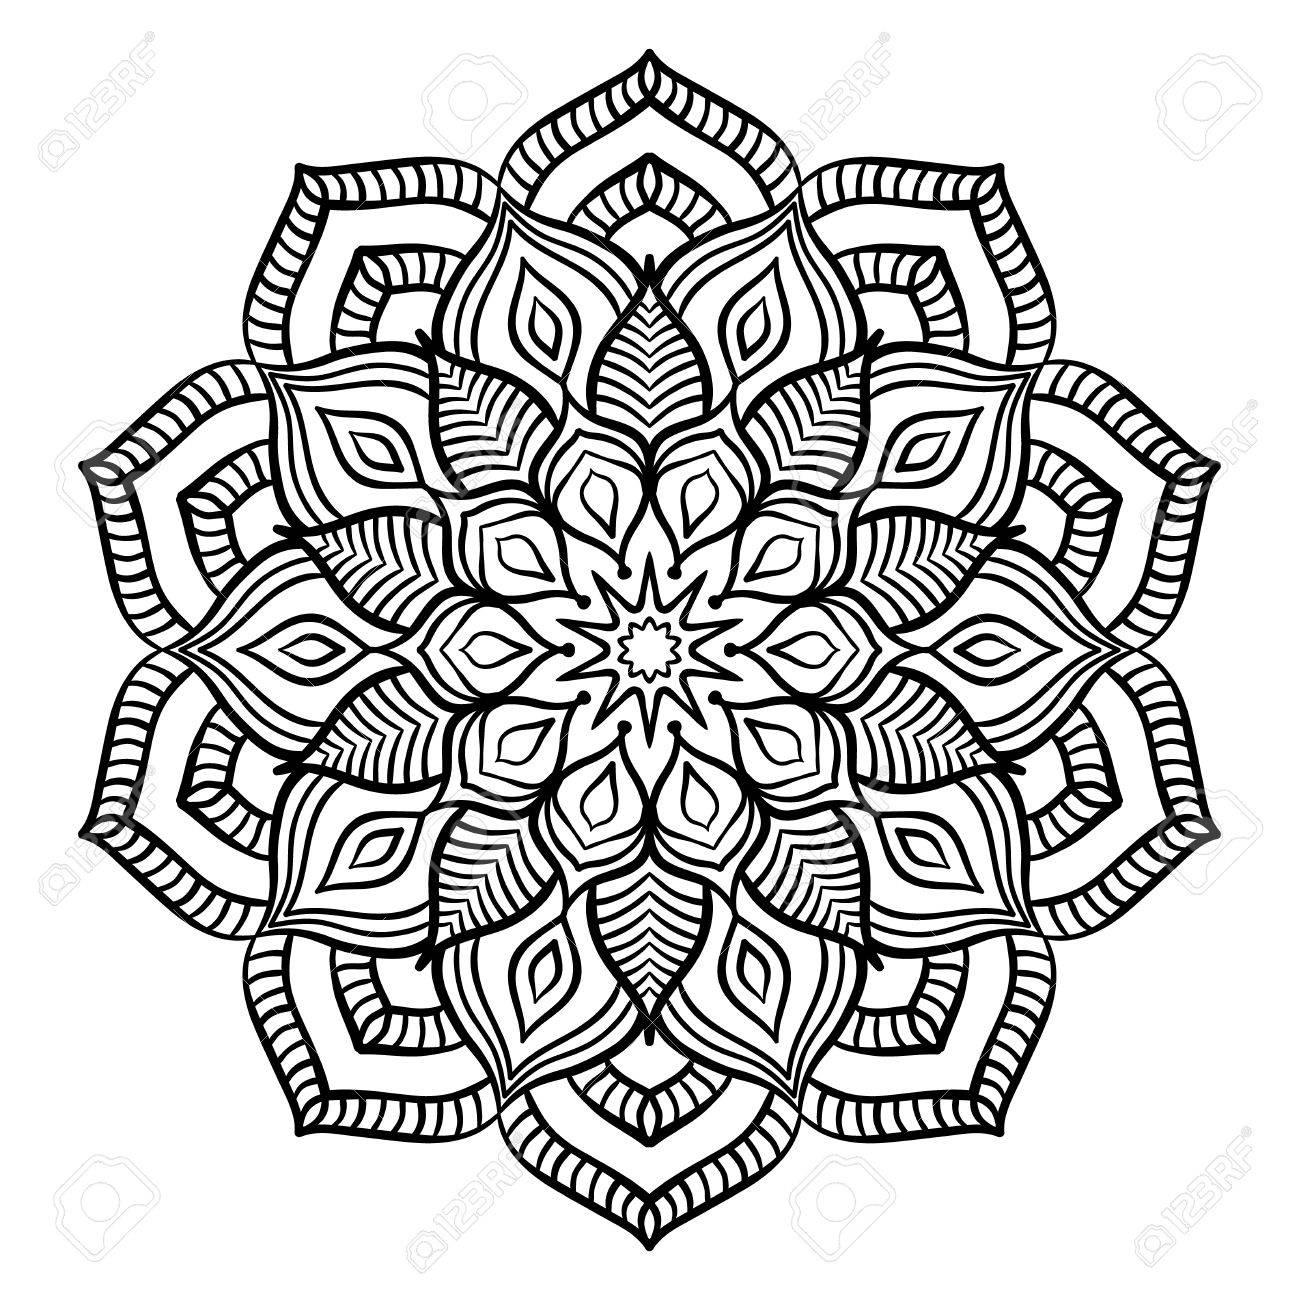 Black Mandala For Coloring. Line Mandala Isolated On White ...